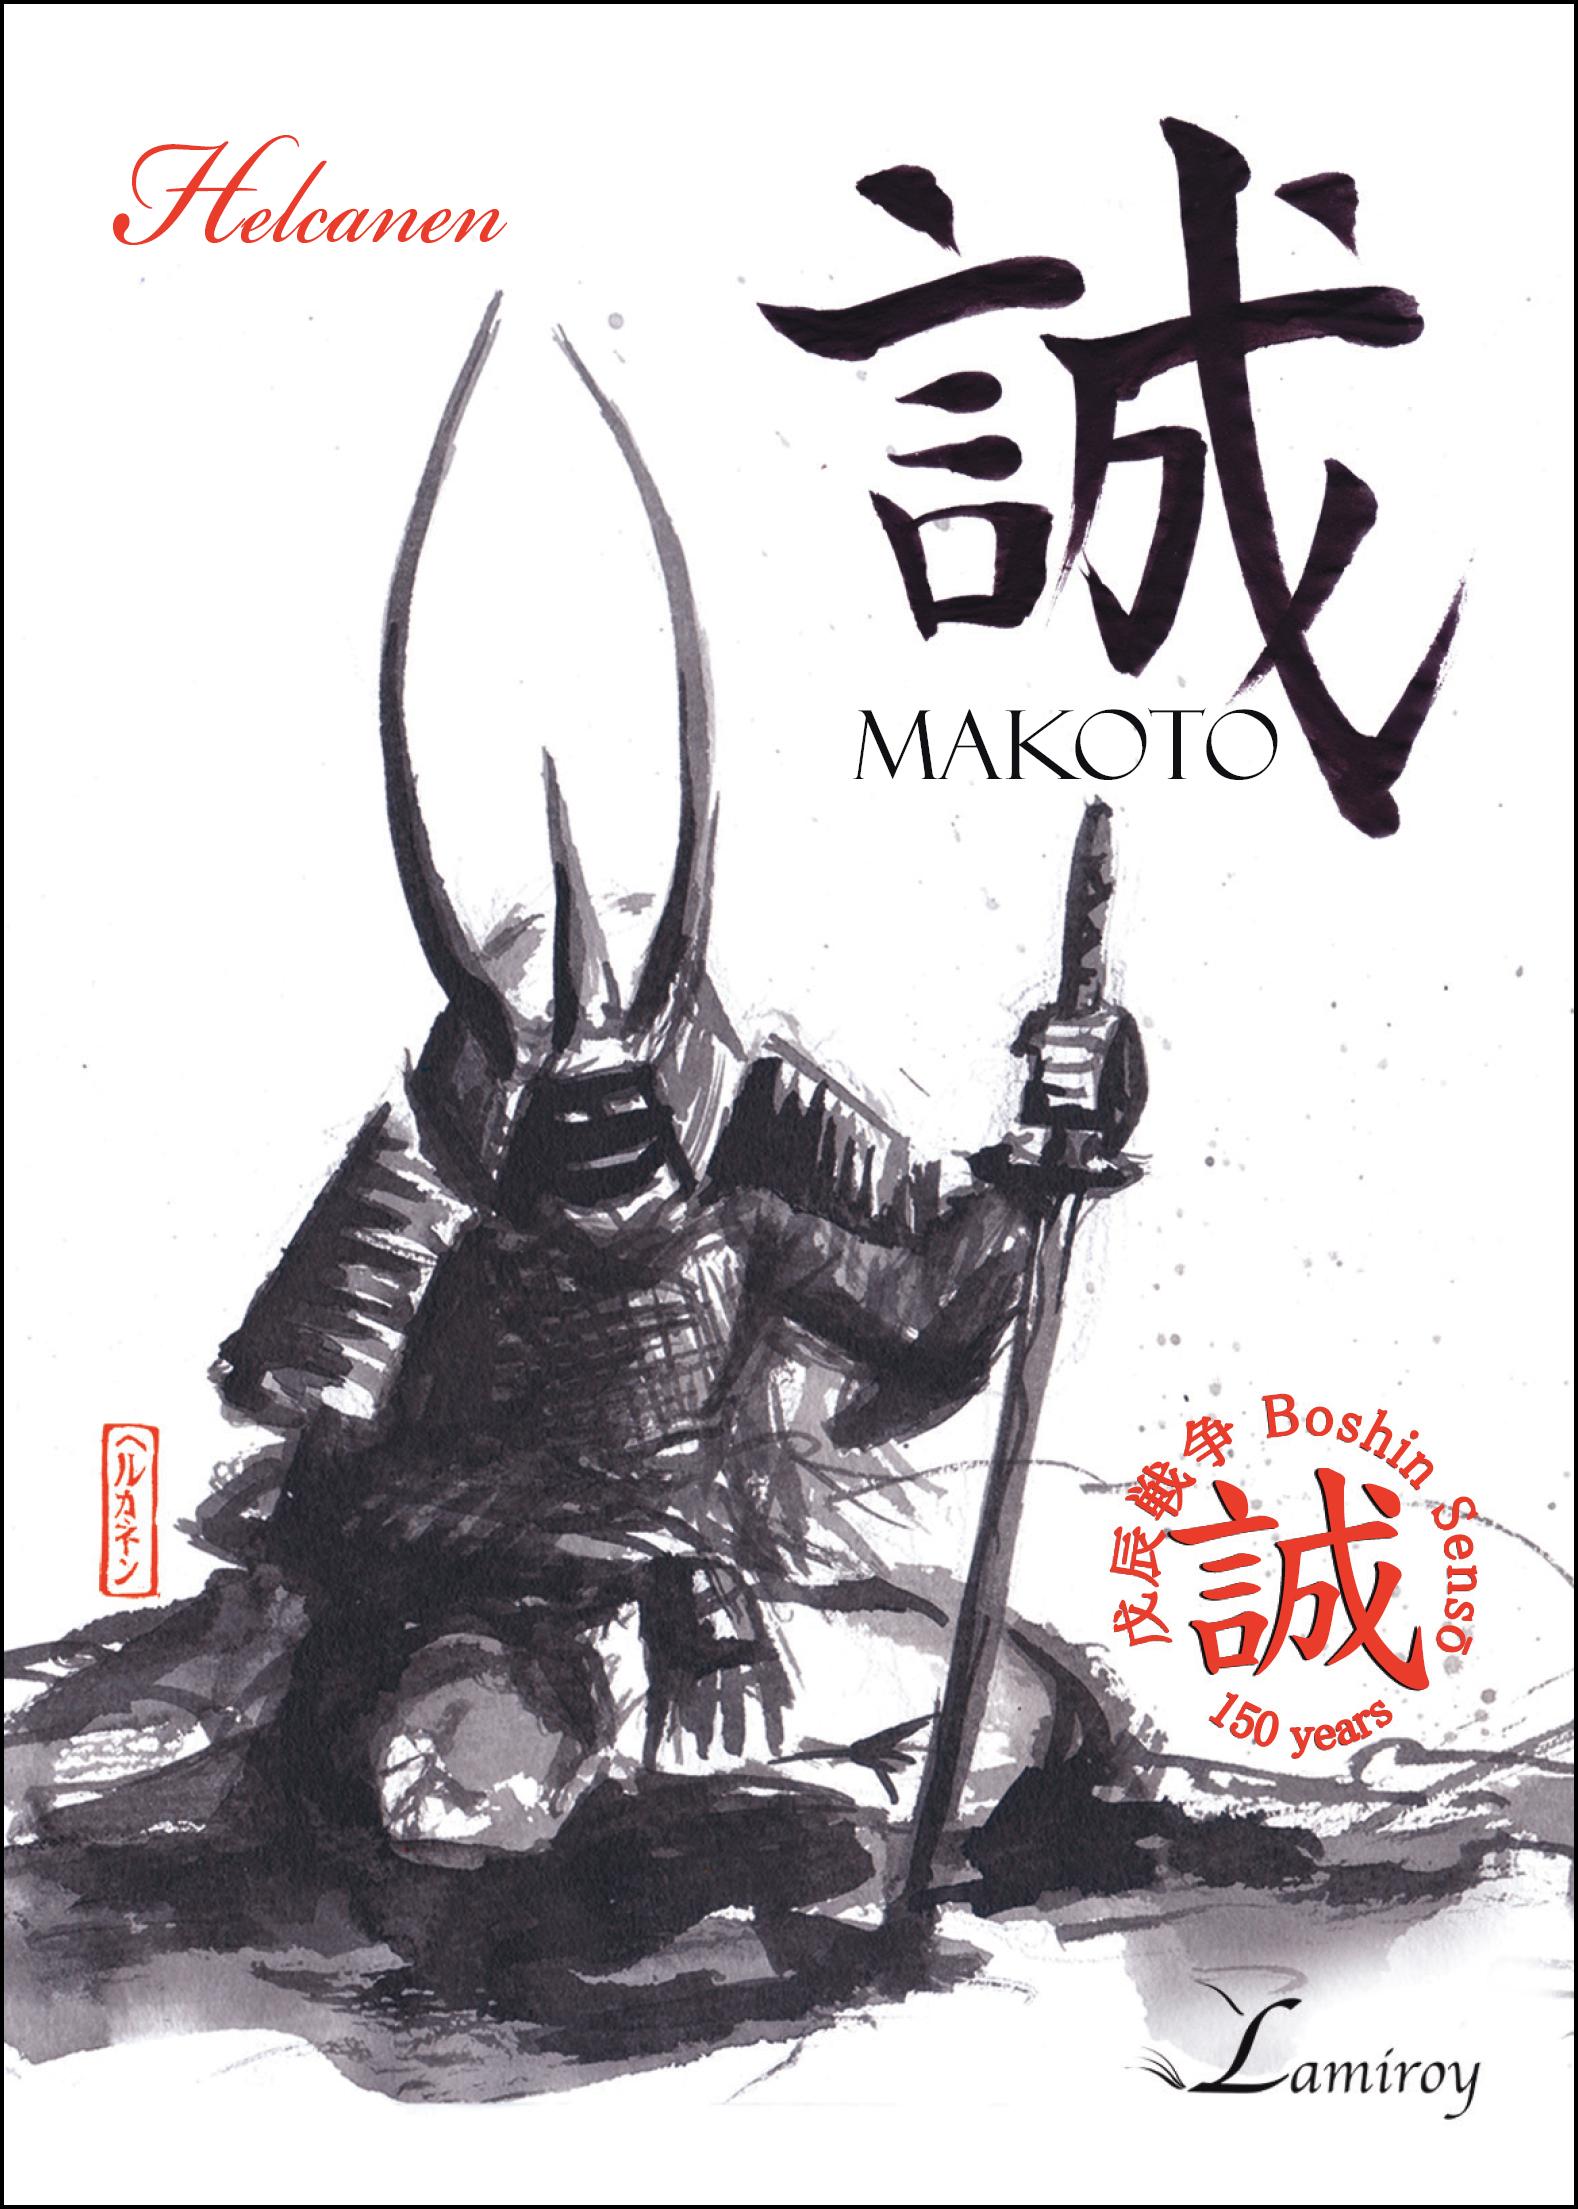 Helcanen Makoto HD noir